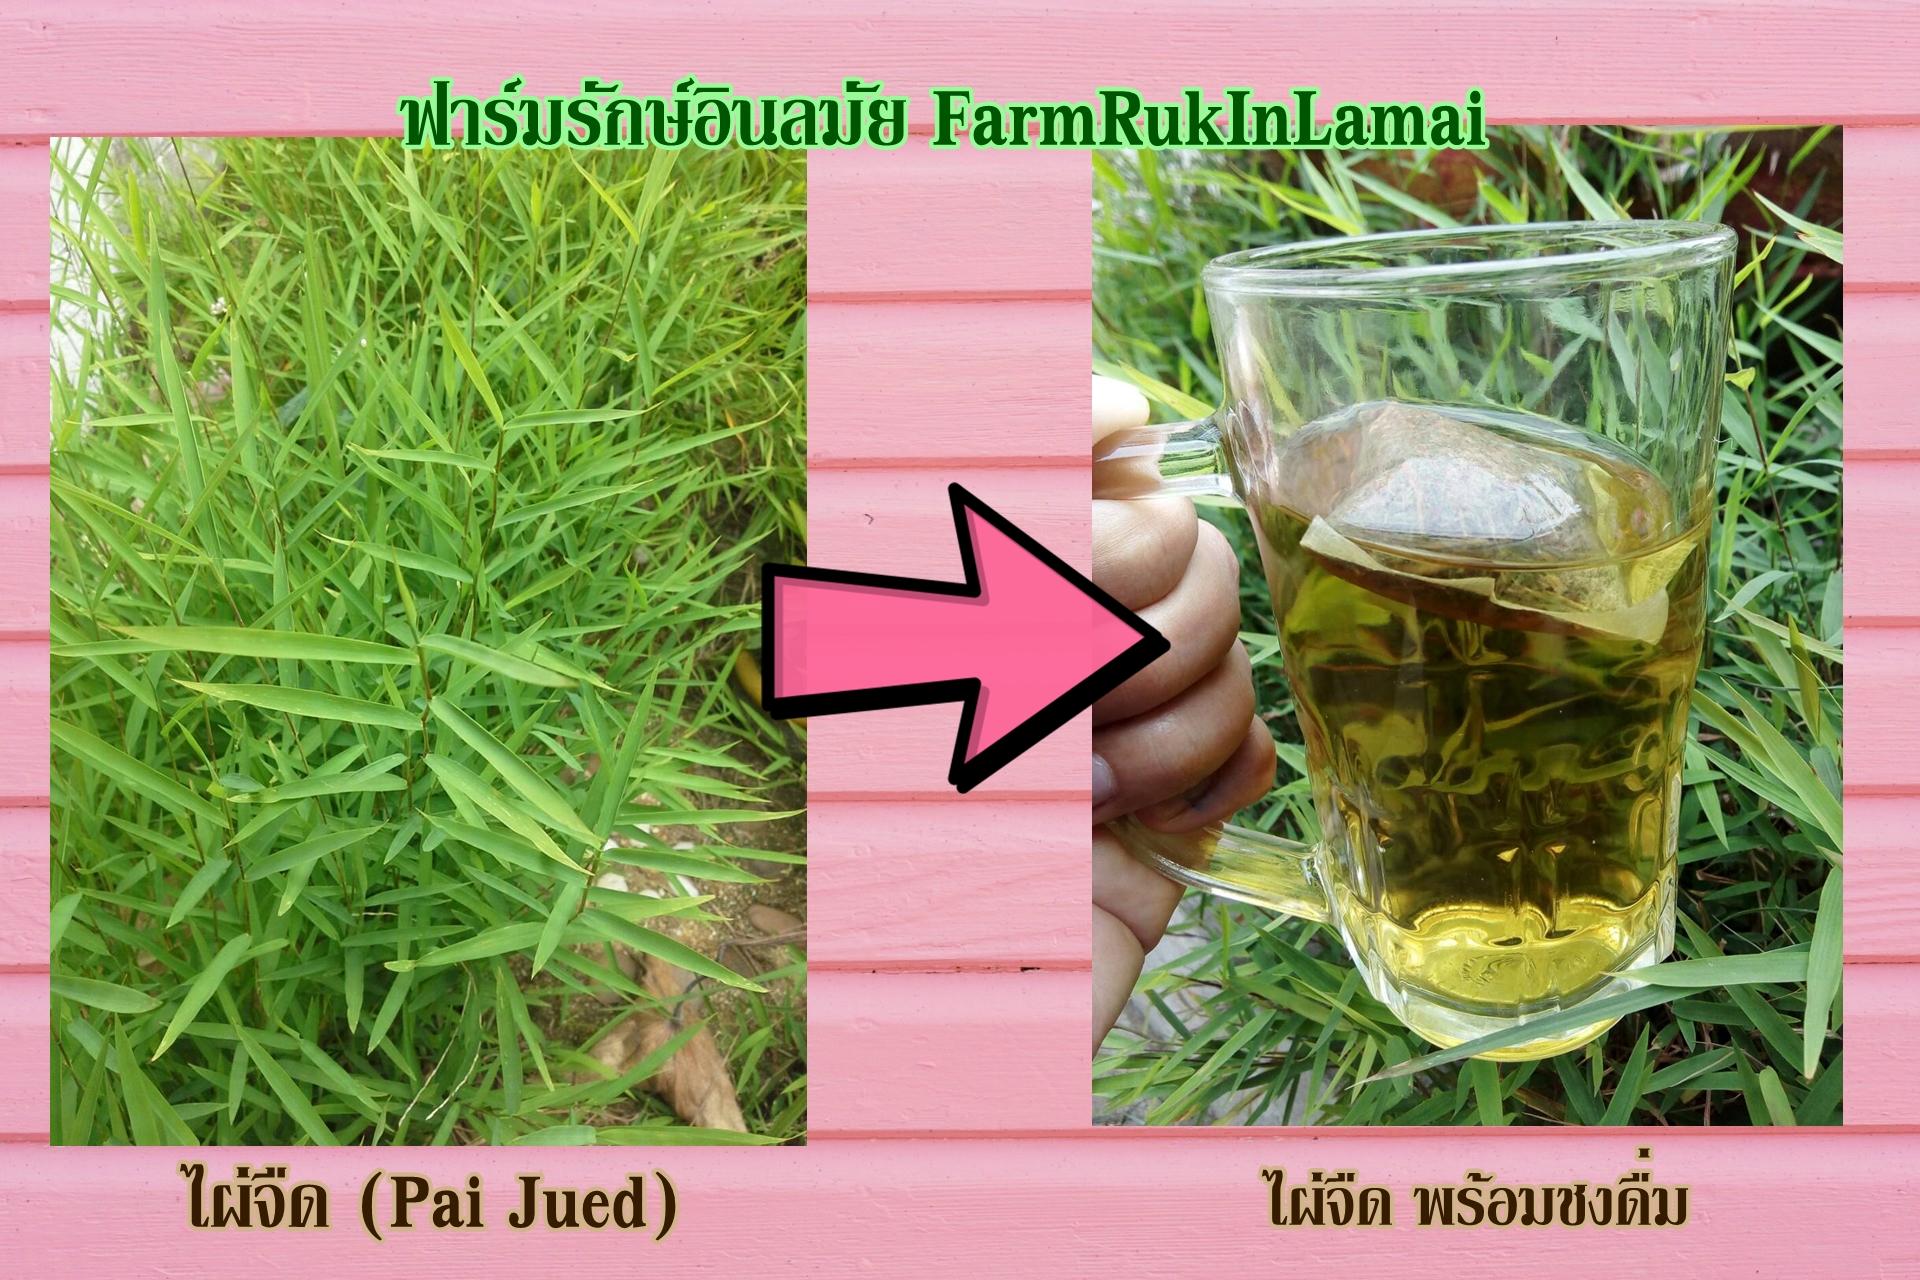 ไผ่จืด ชนิดชงดื่ม (Pai-jued)